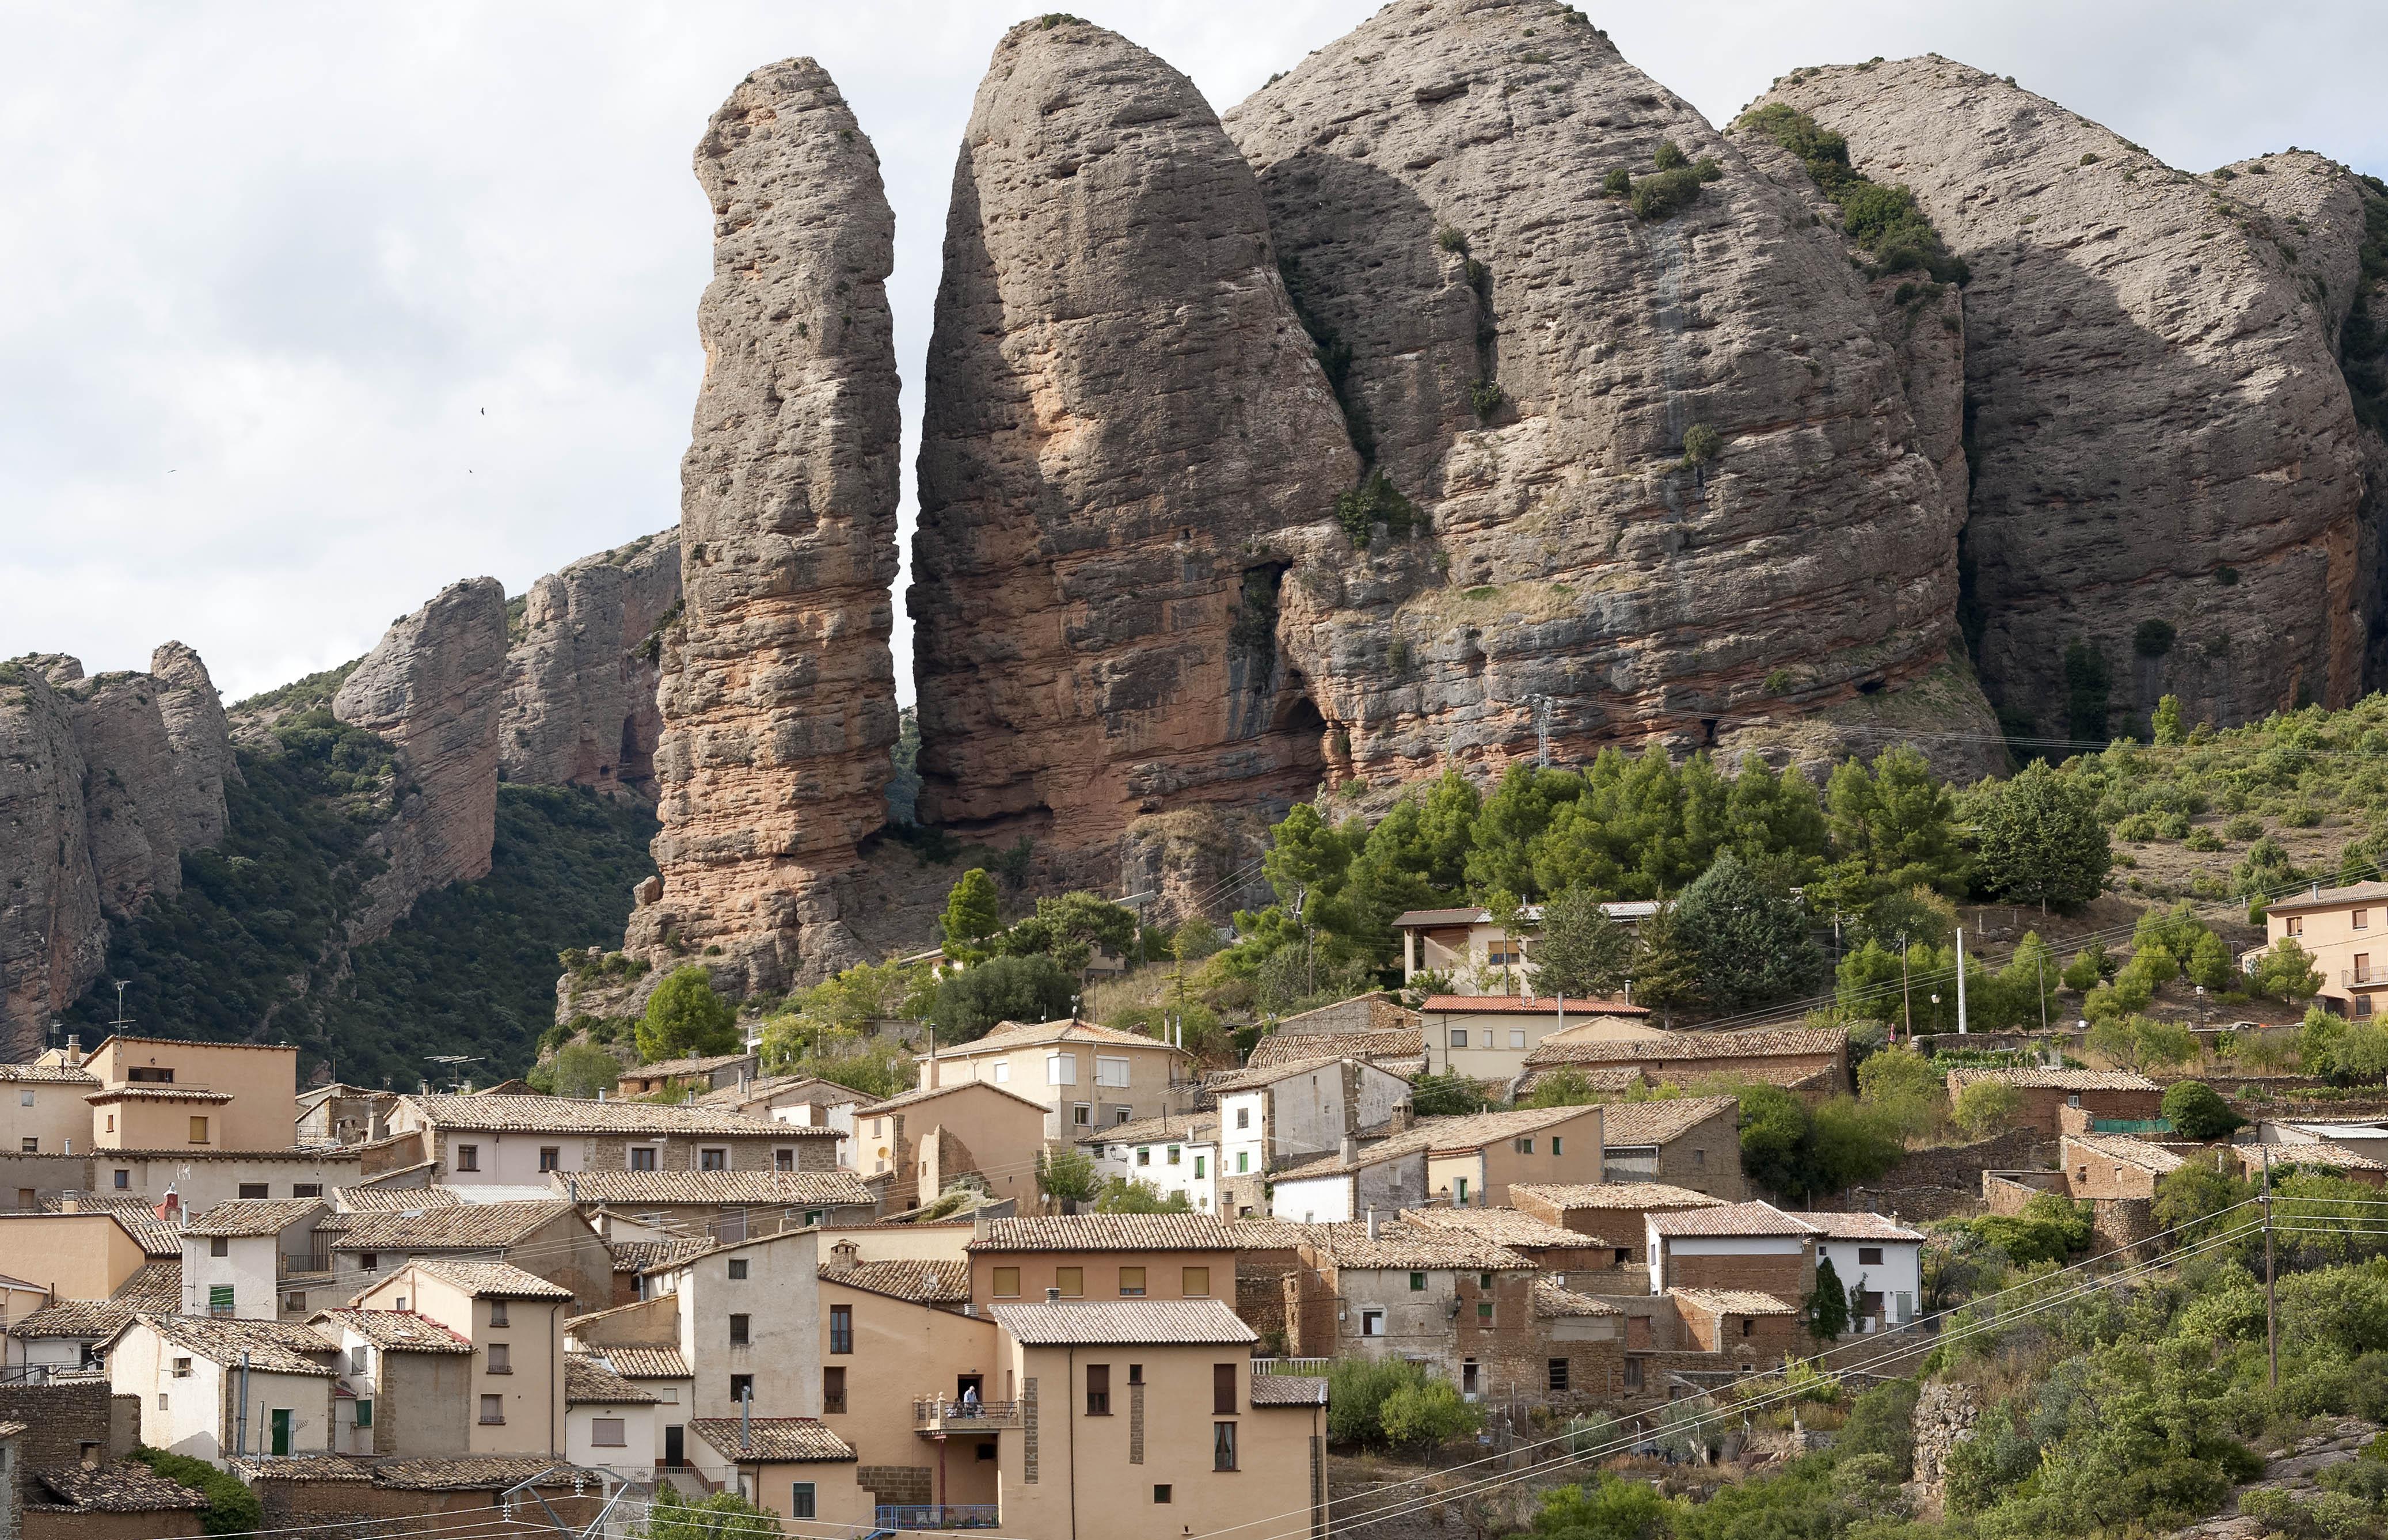 3518_Aguero (Aragon)